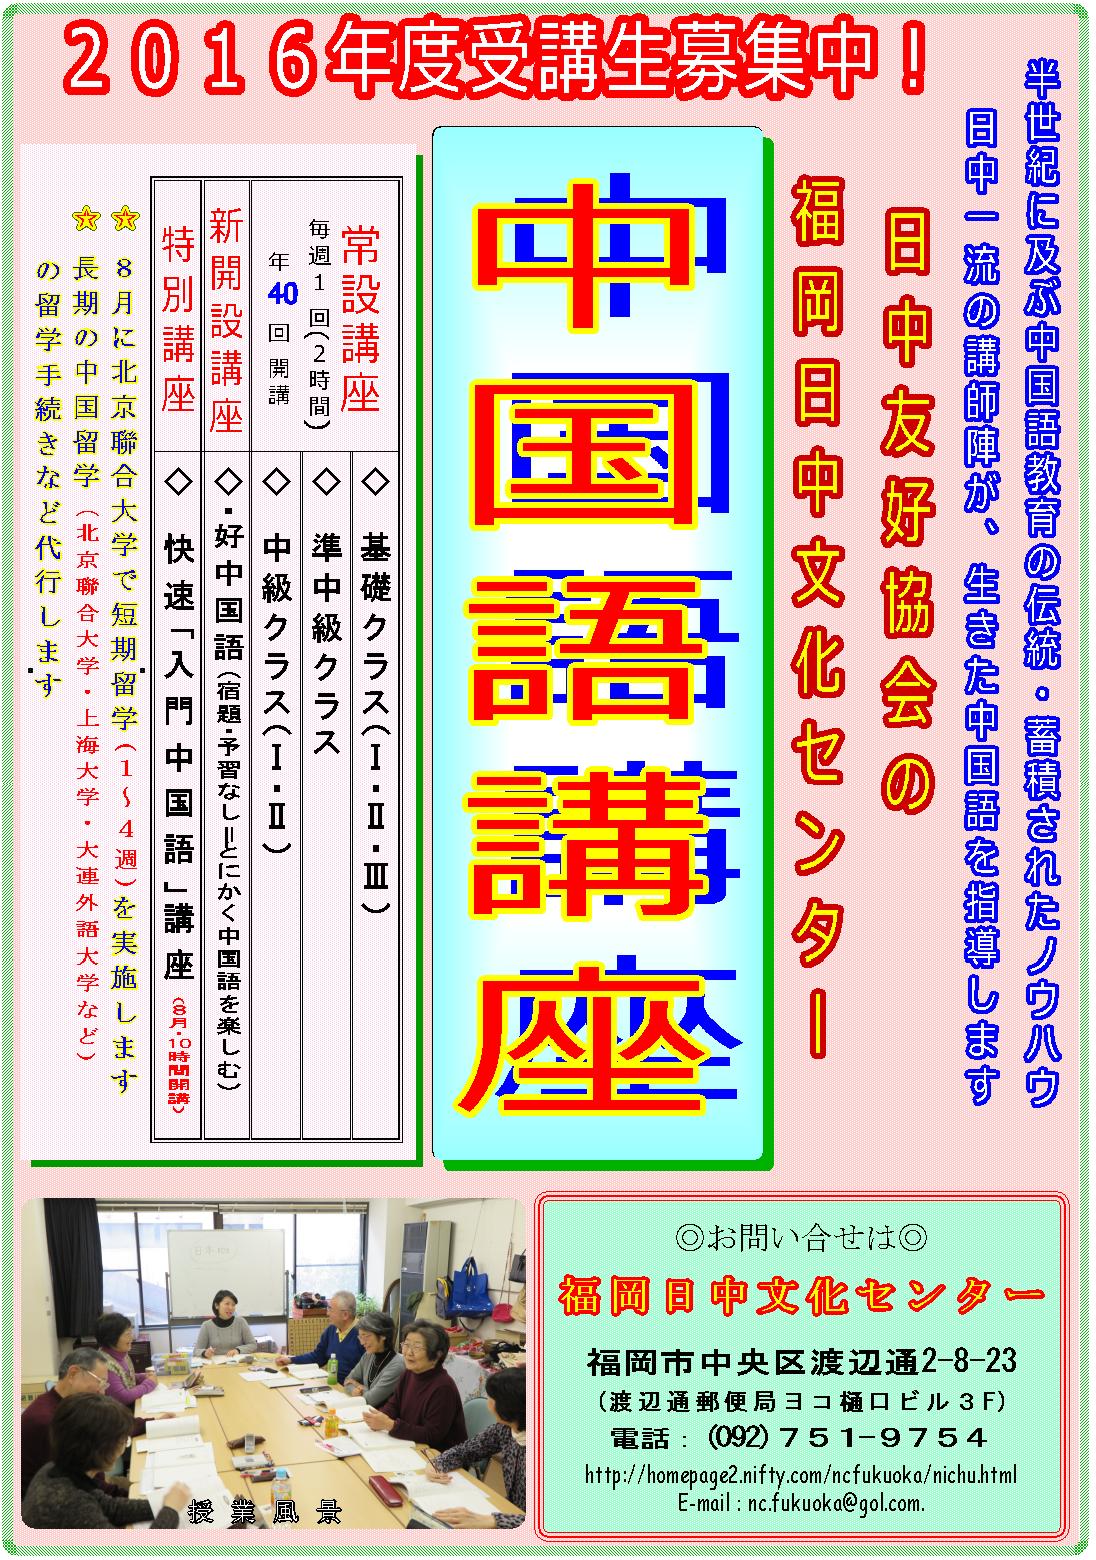 2016年度受講生募集中!  日中文化センターの中国語講座